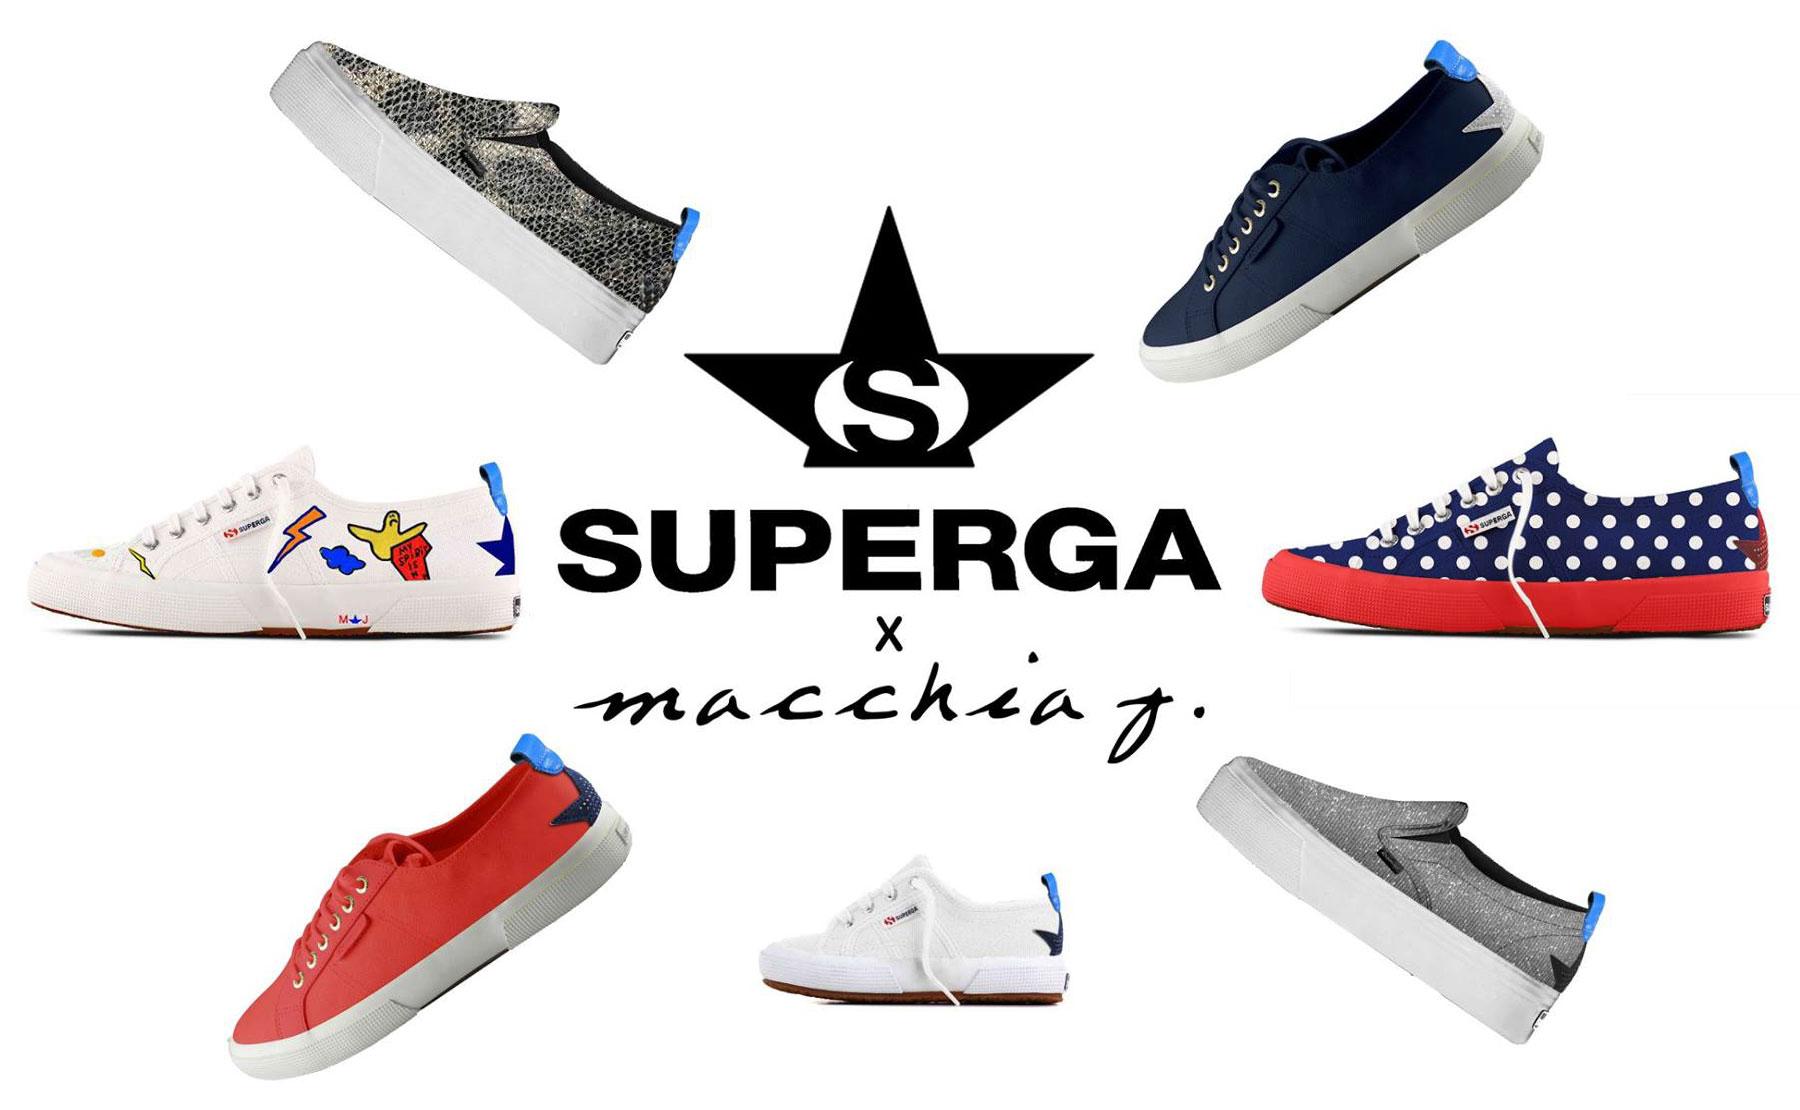 Macchia J Presenta La Collaborazione Con Supergamacchia J Presents The Collaboration With